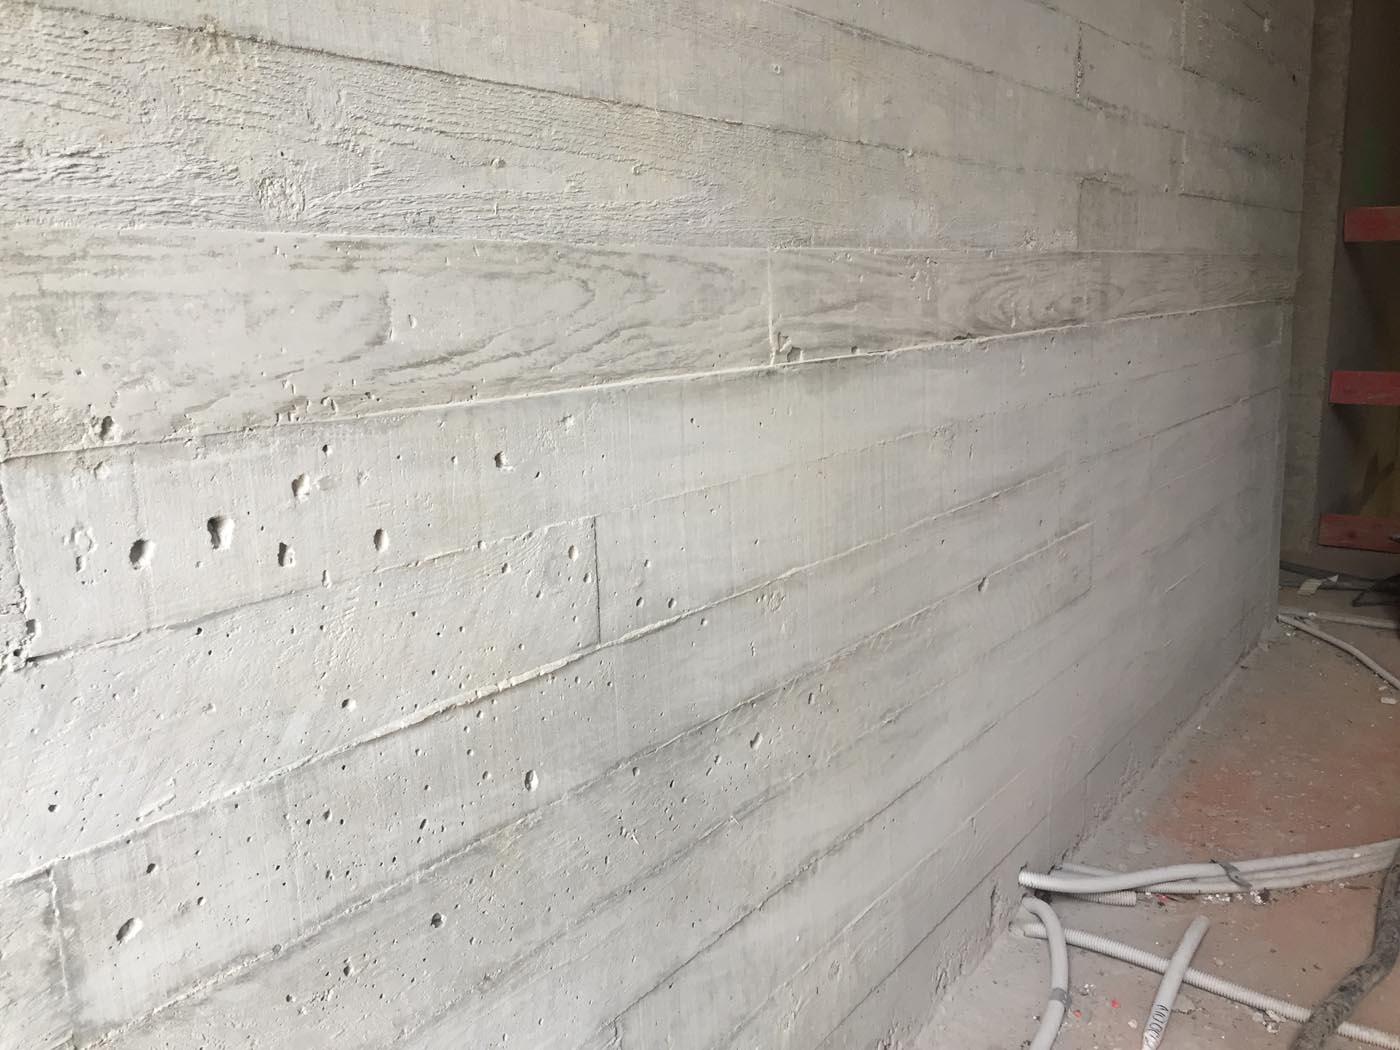 Nids d'abeilles à enlevés dans un mur en béton imitation bois